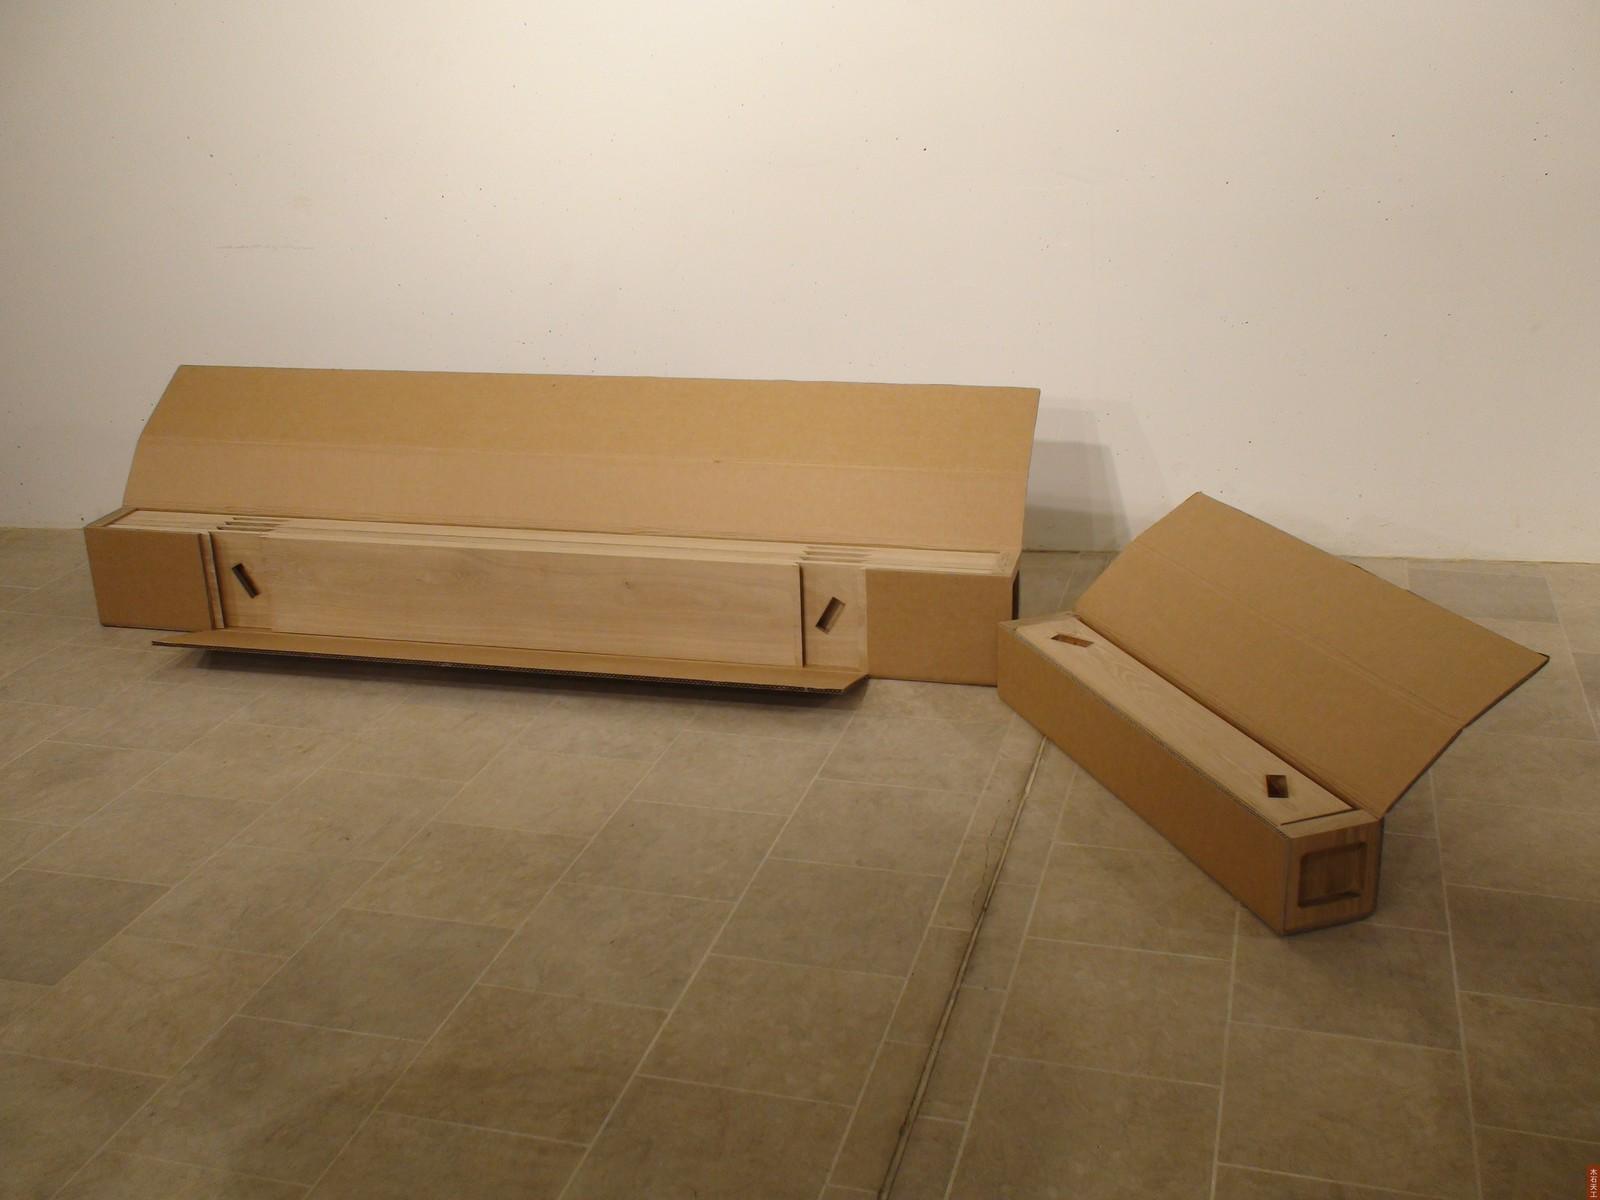 Timber-table-hisheji (9)